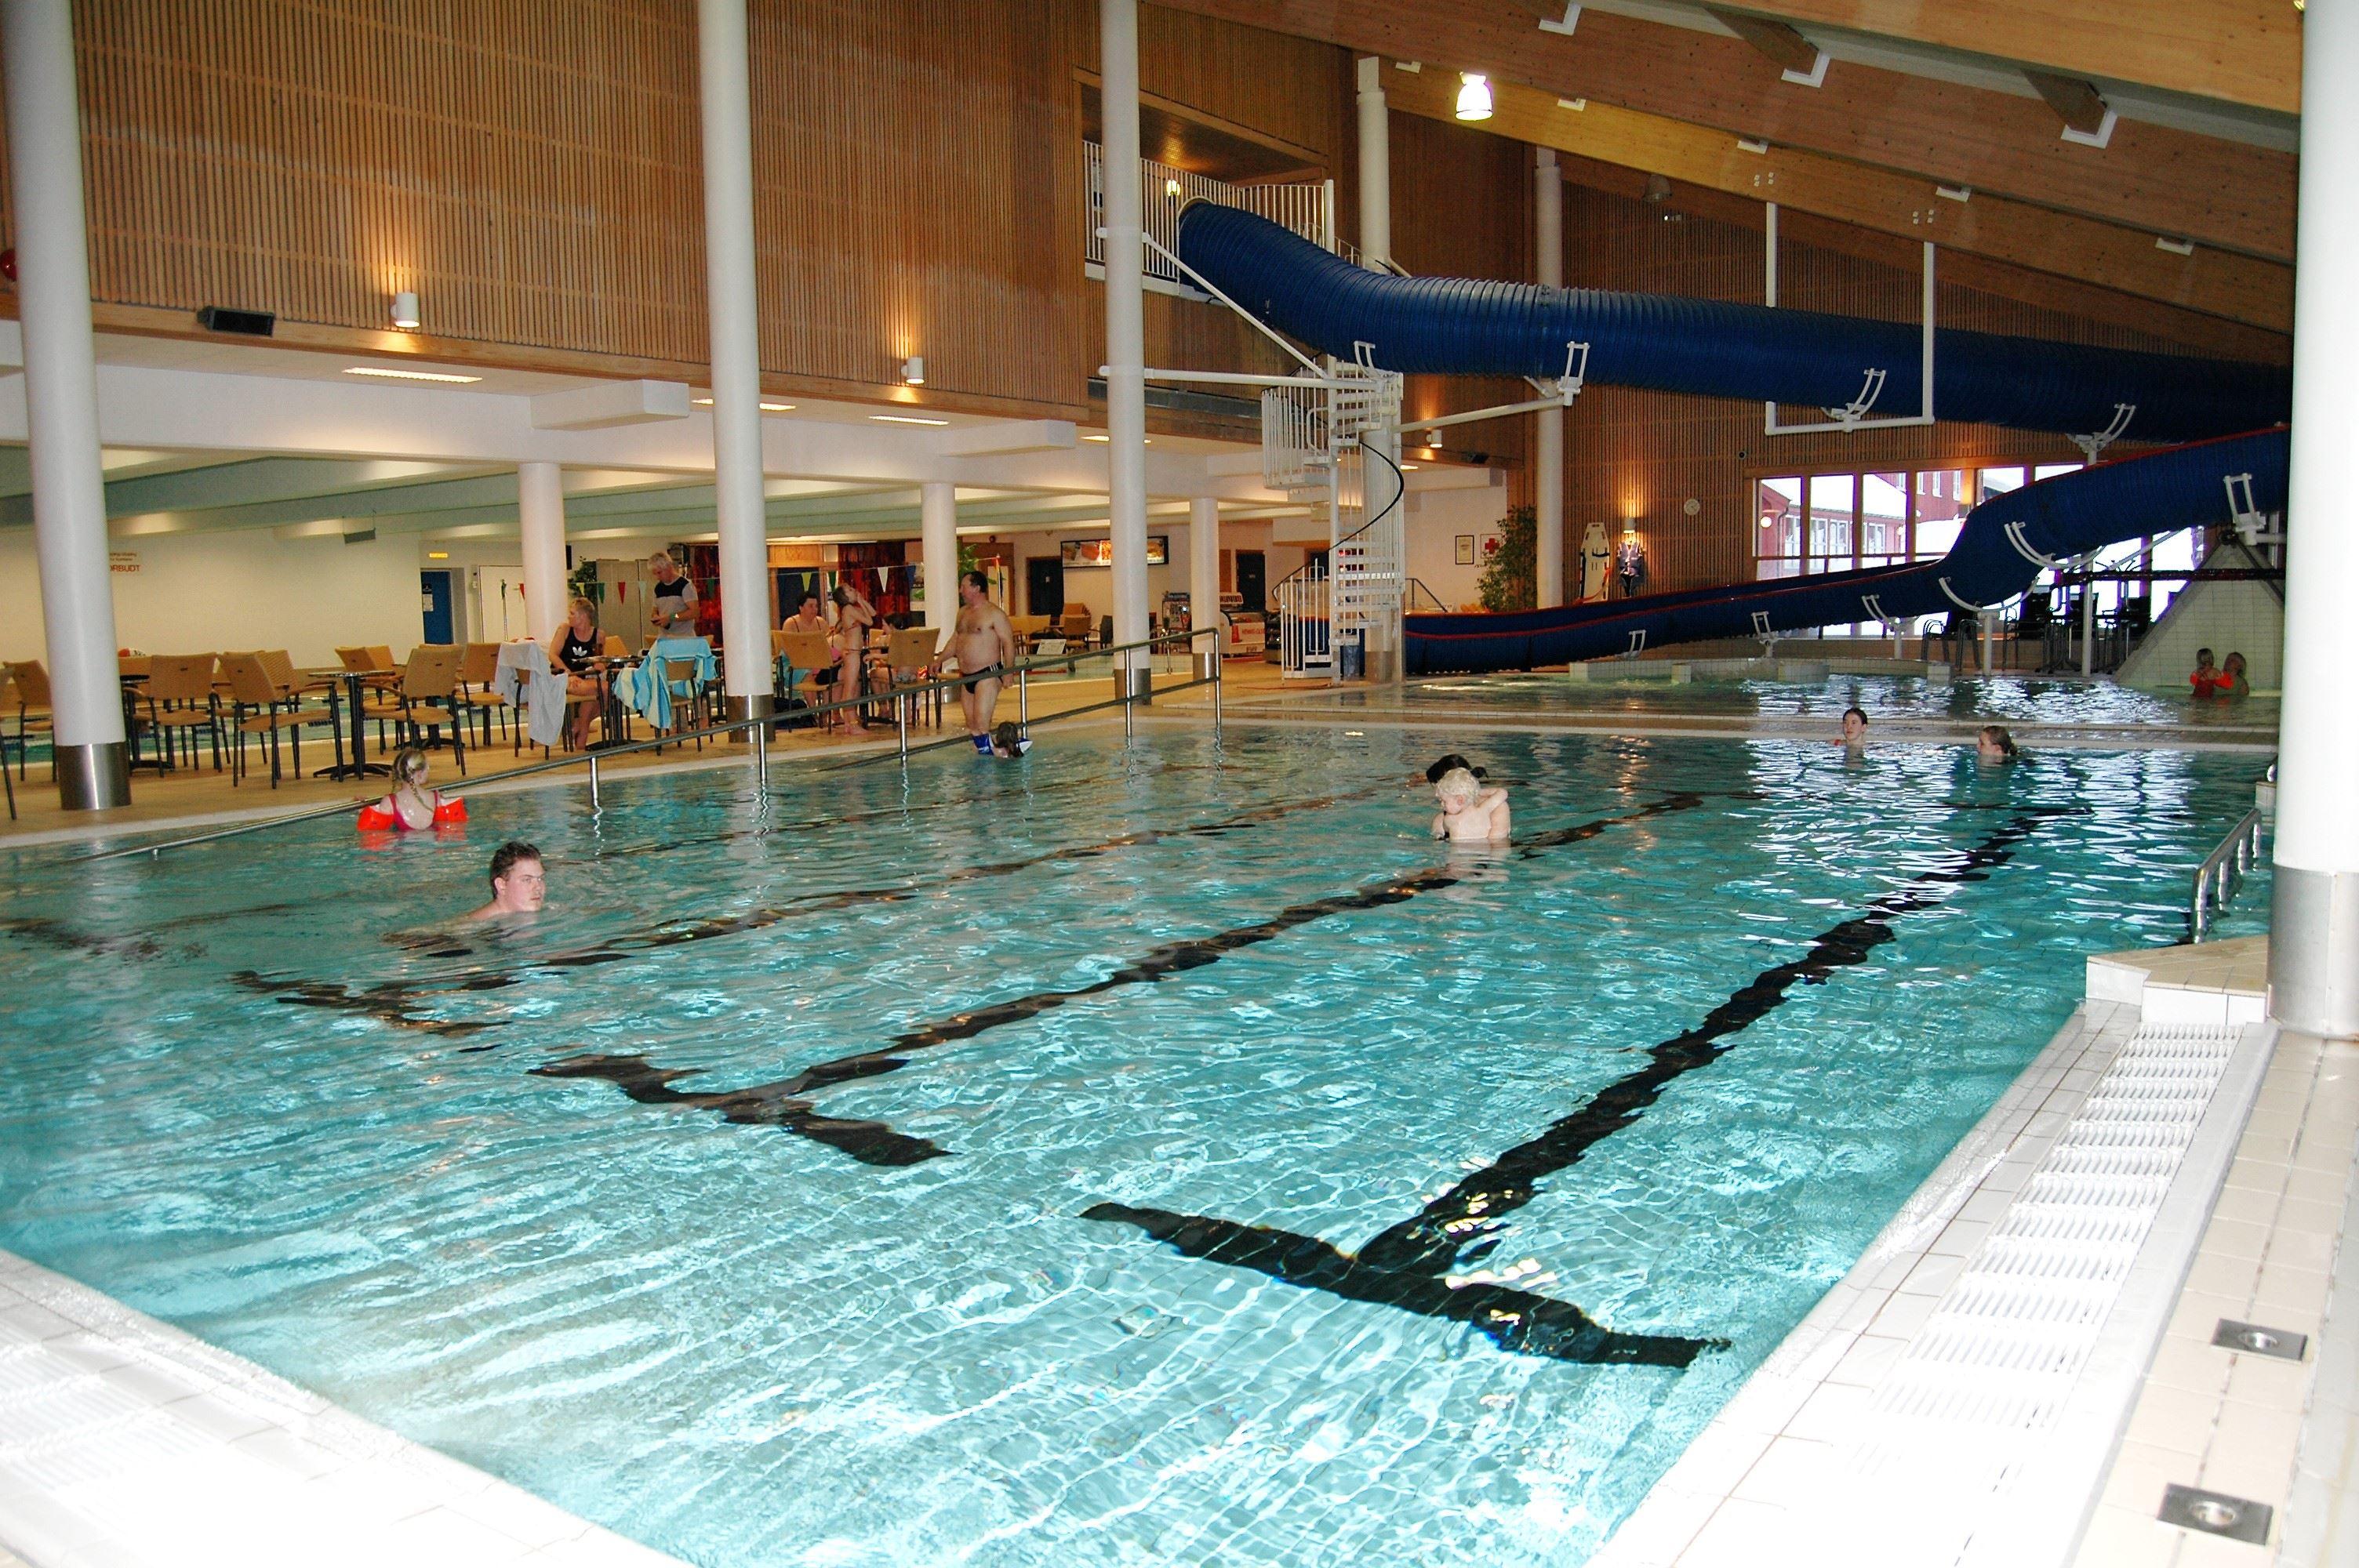 Jorekstad water park